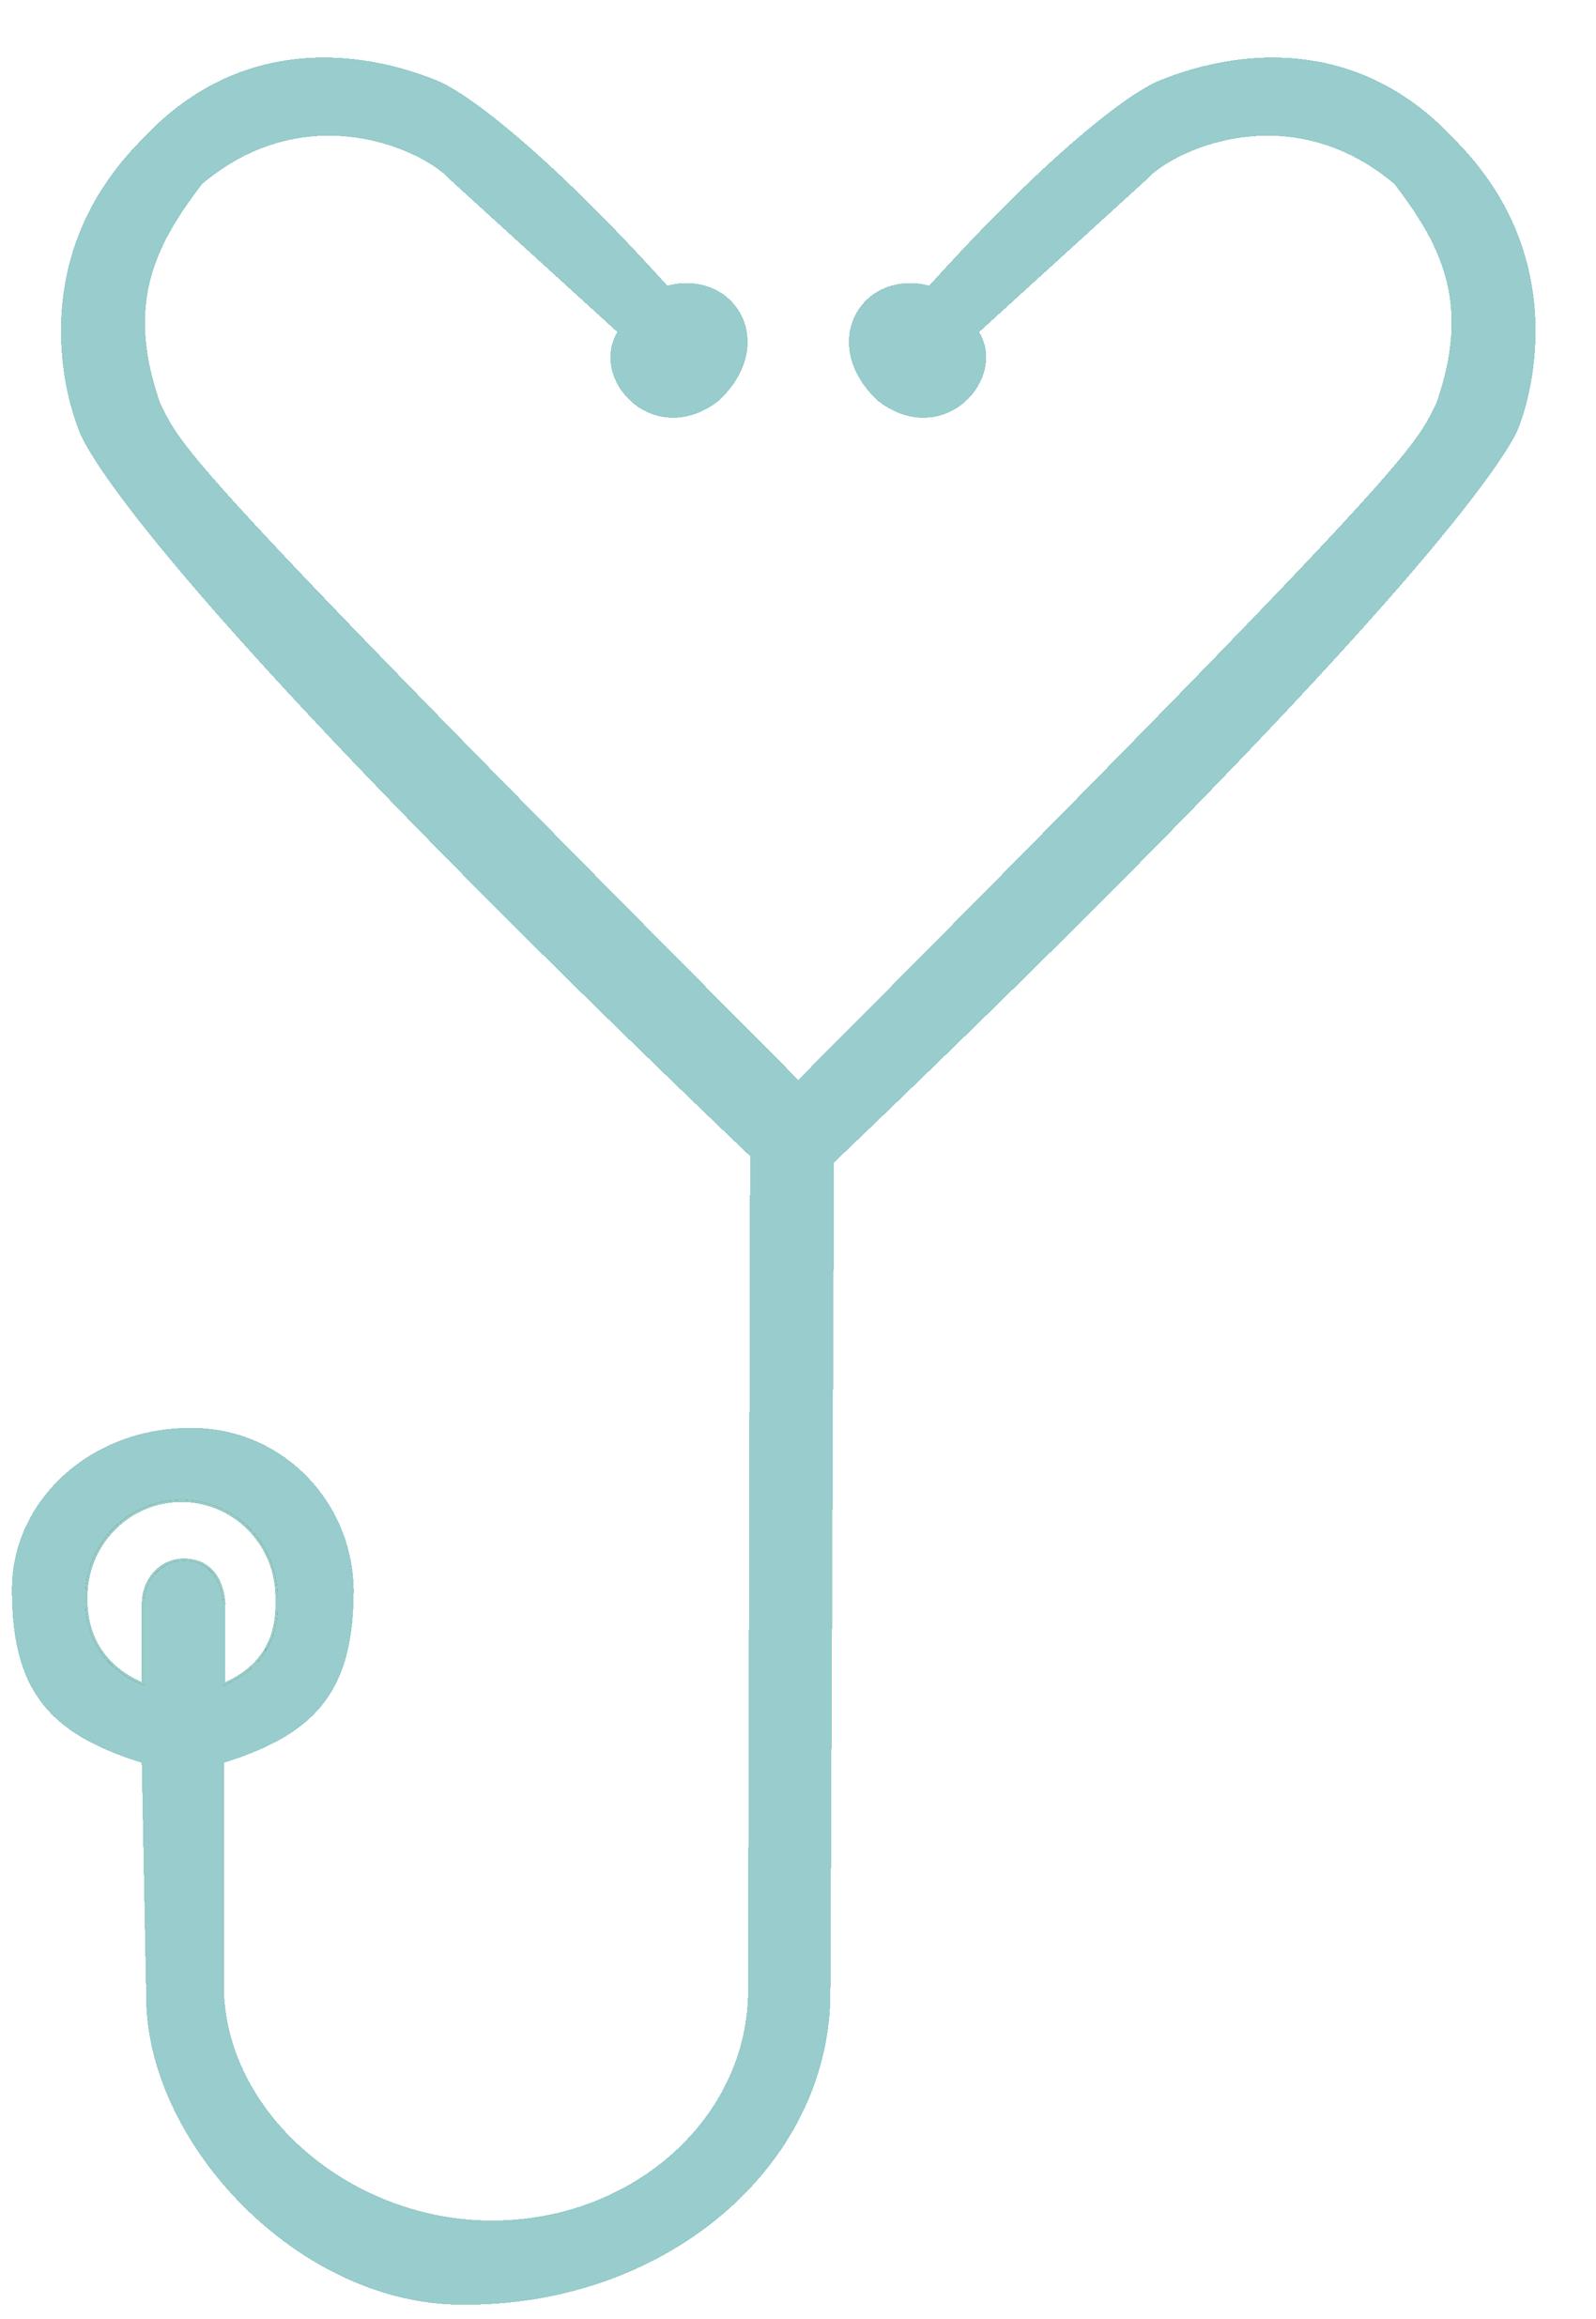 GSO Offers Telemedicine